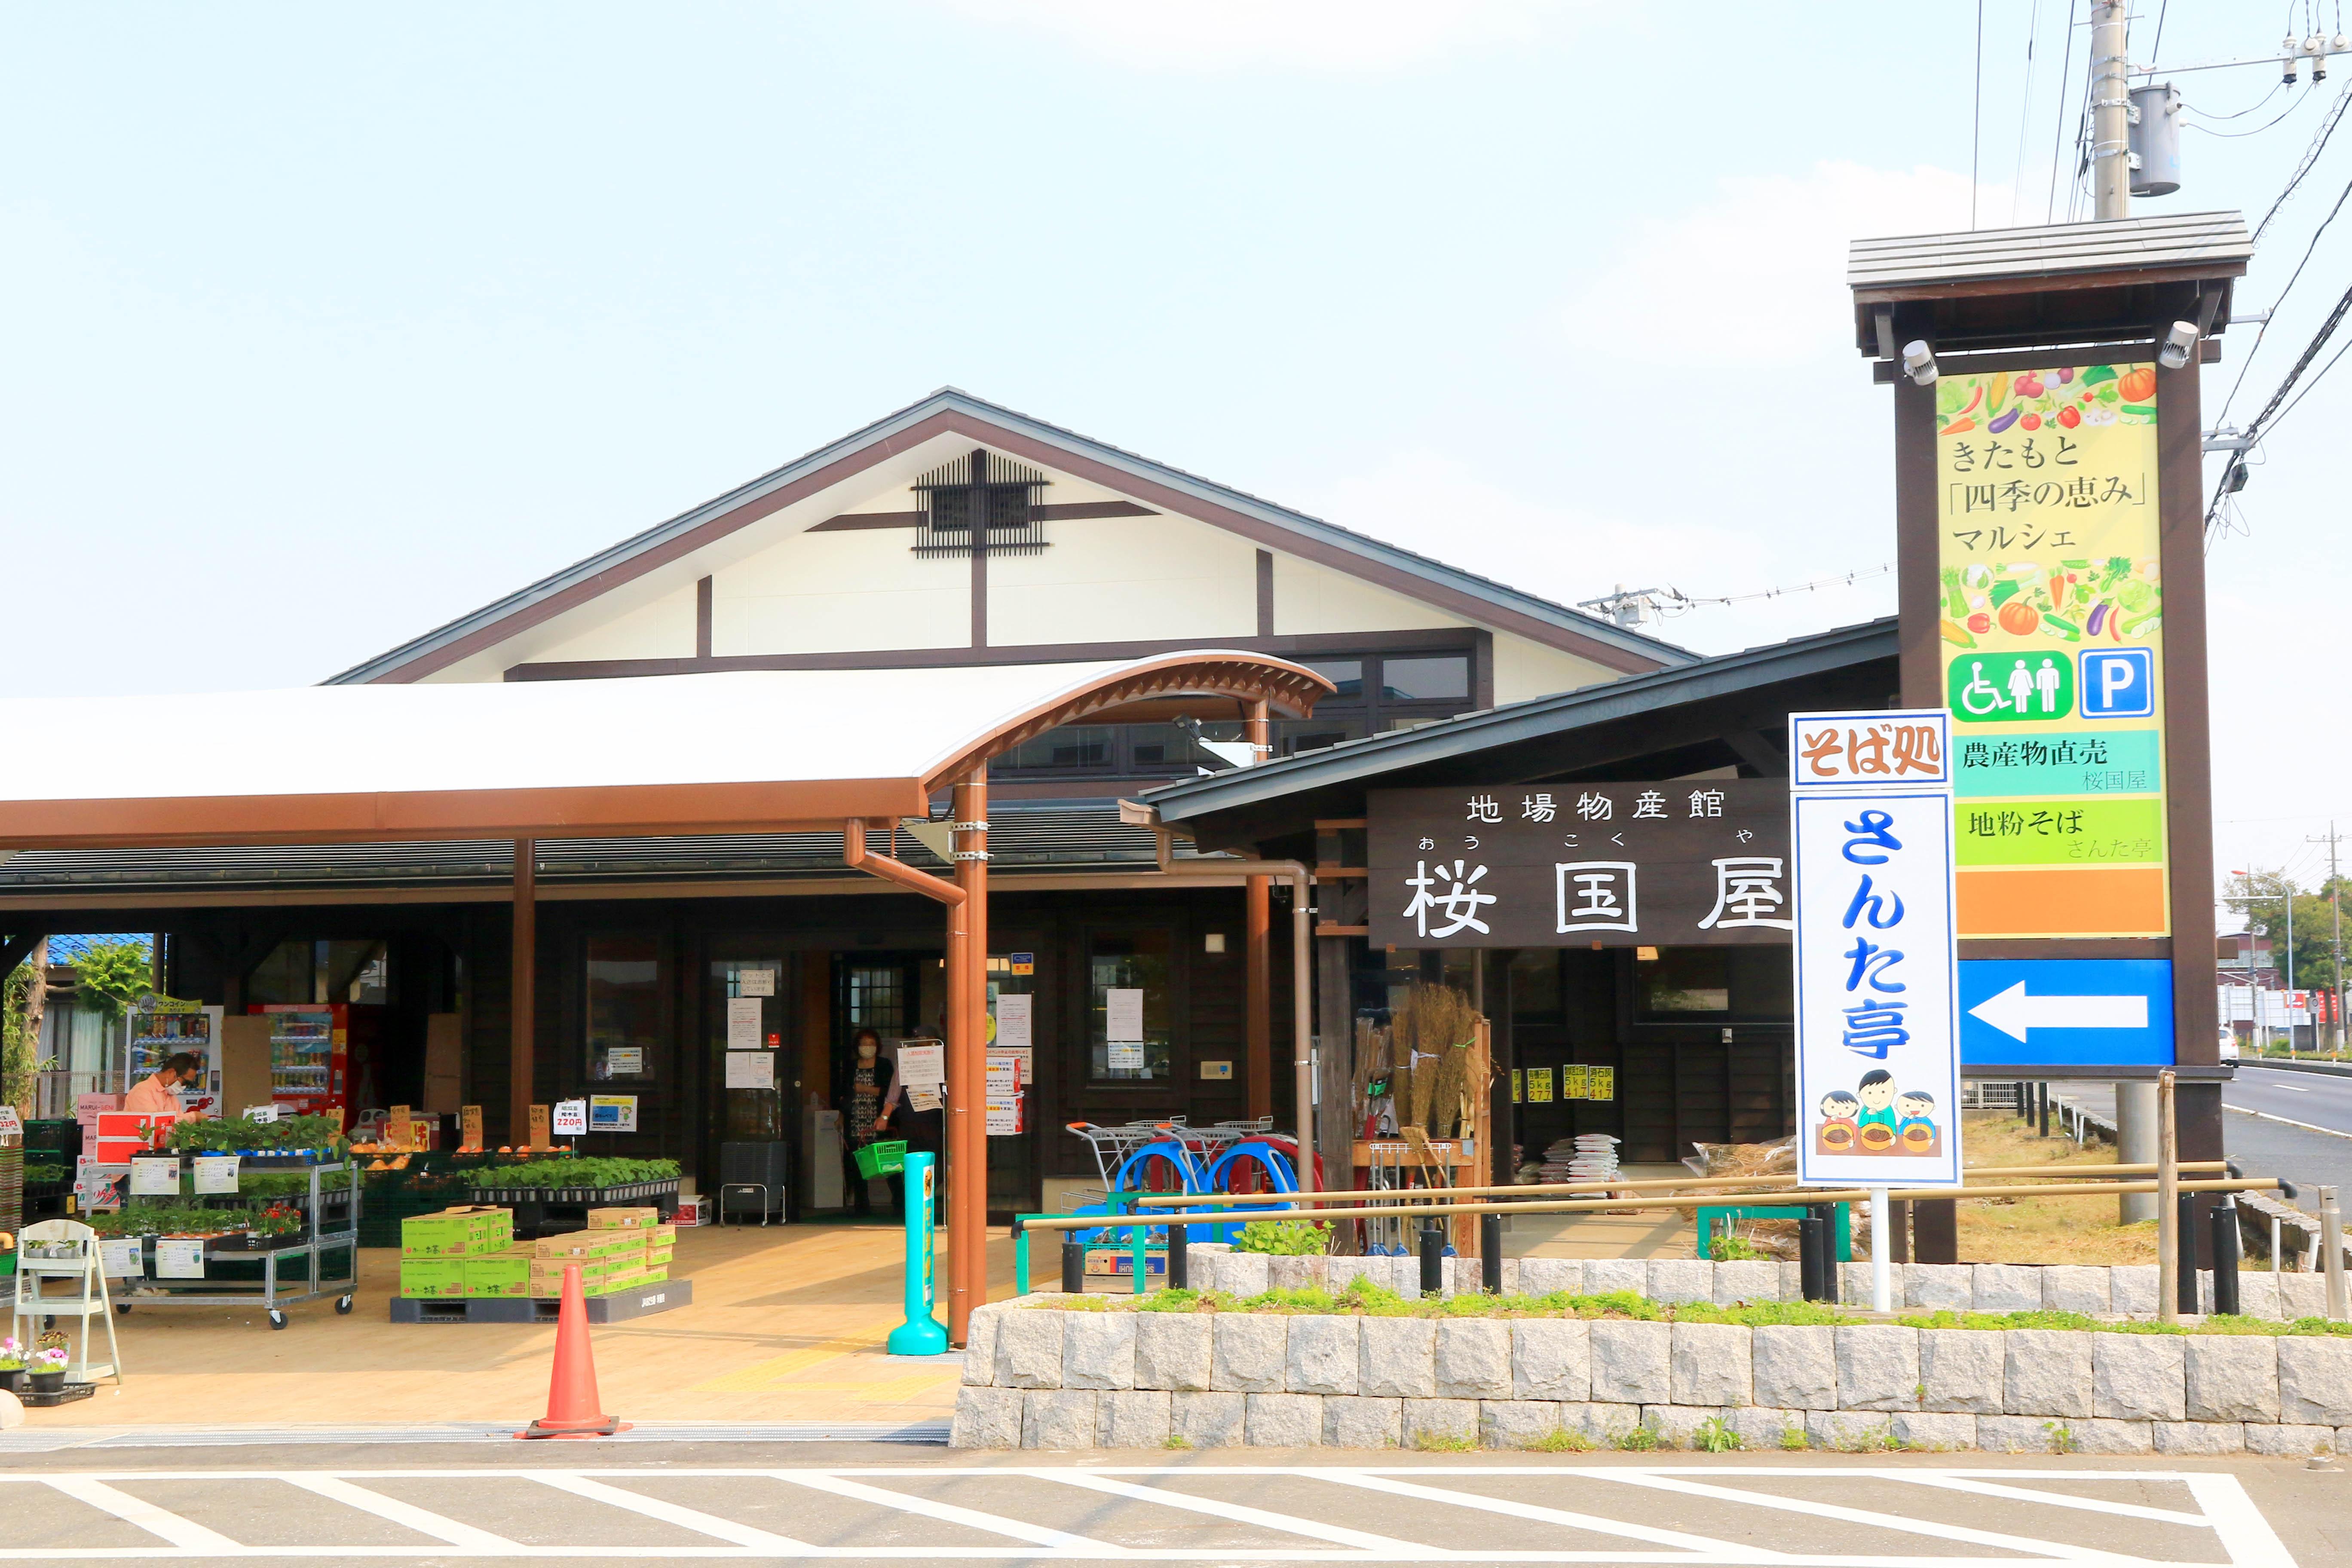 地場物産館桜国屋